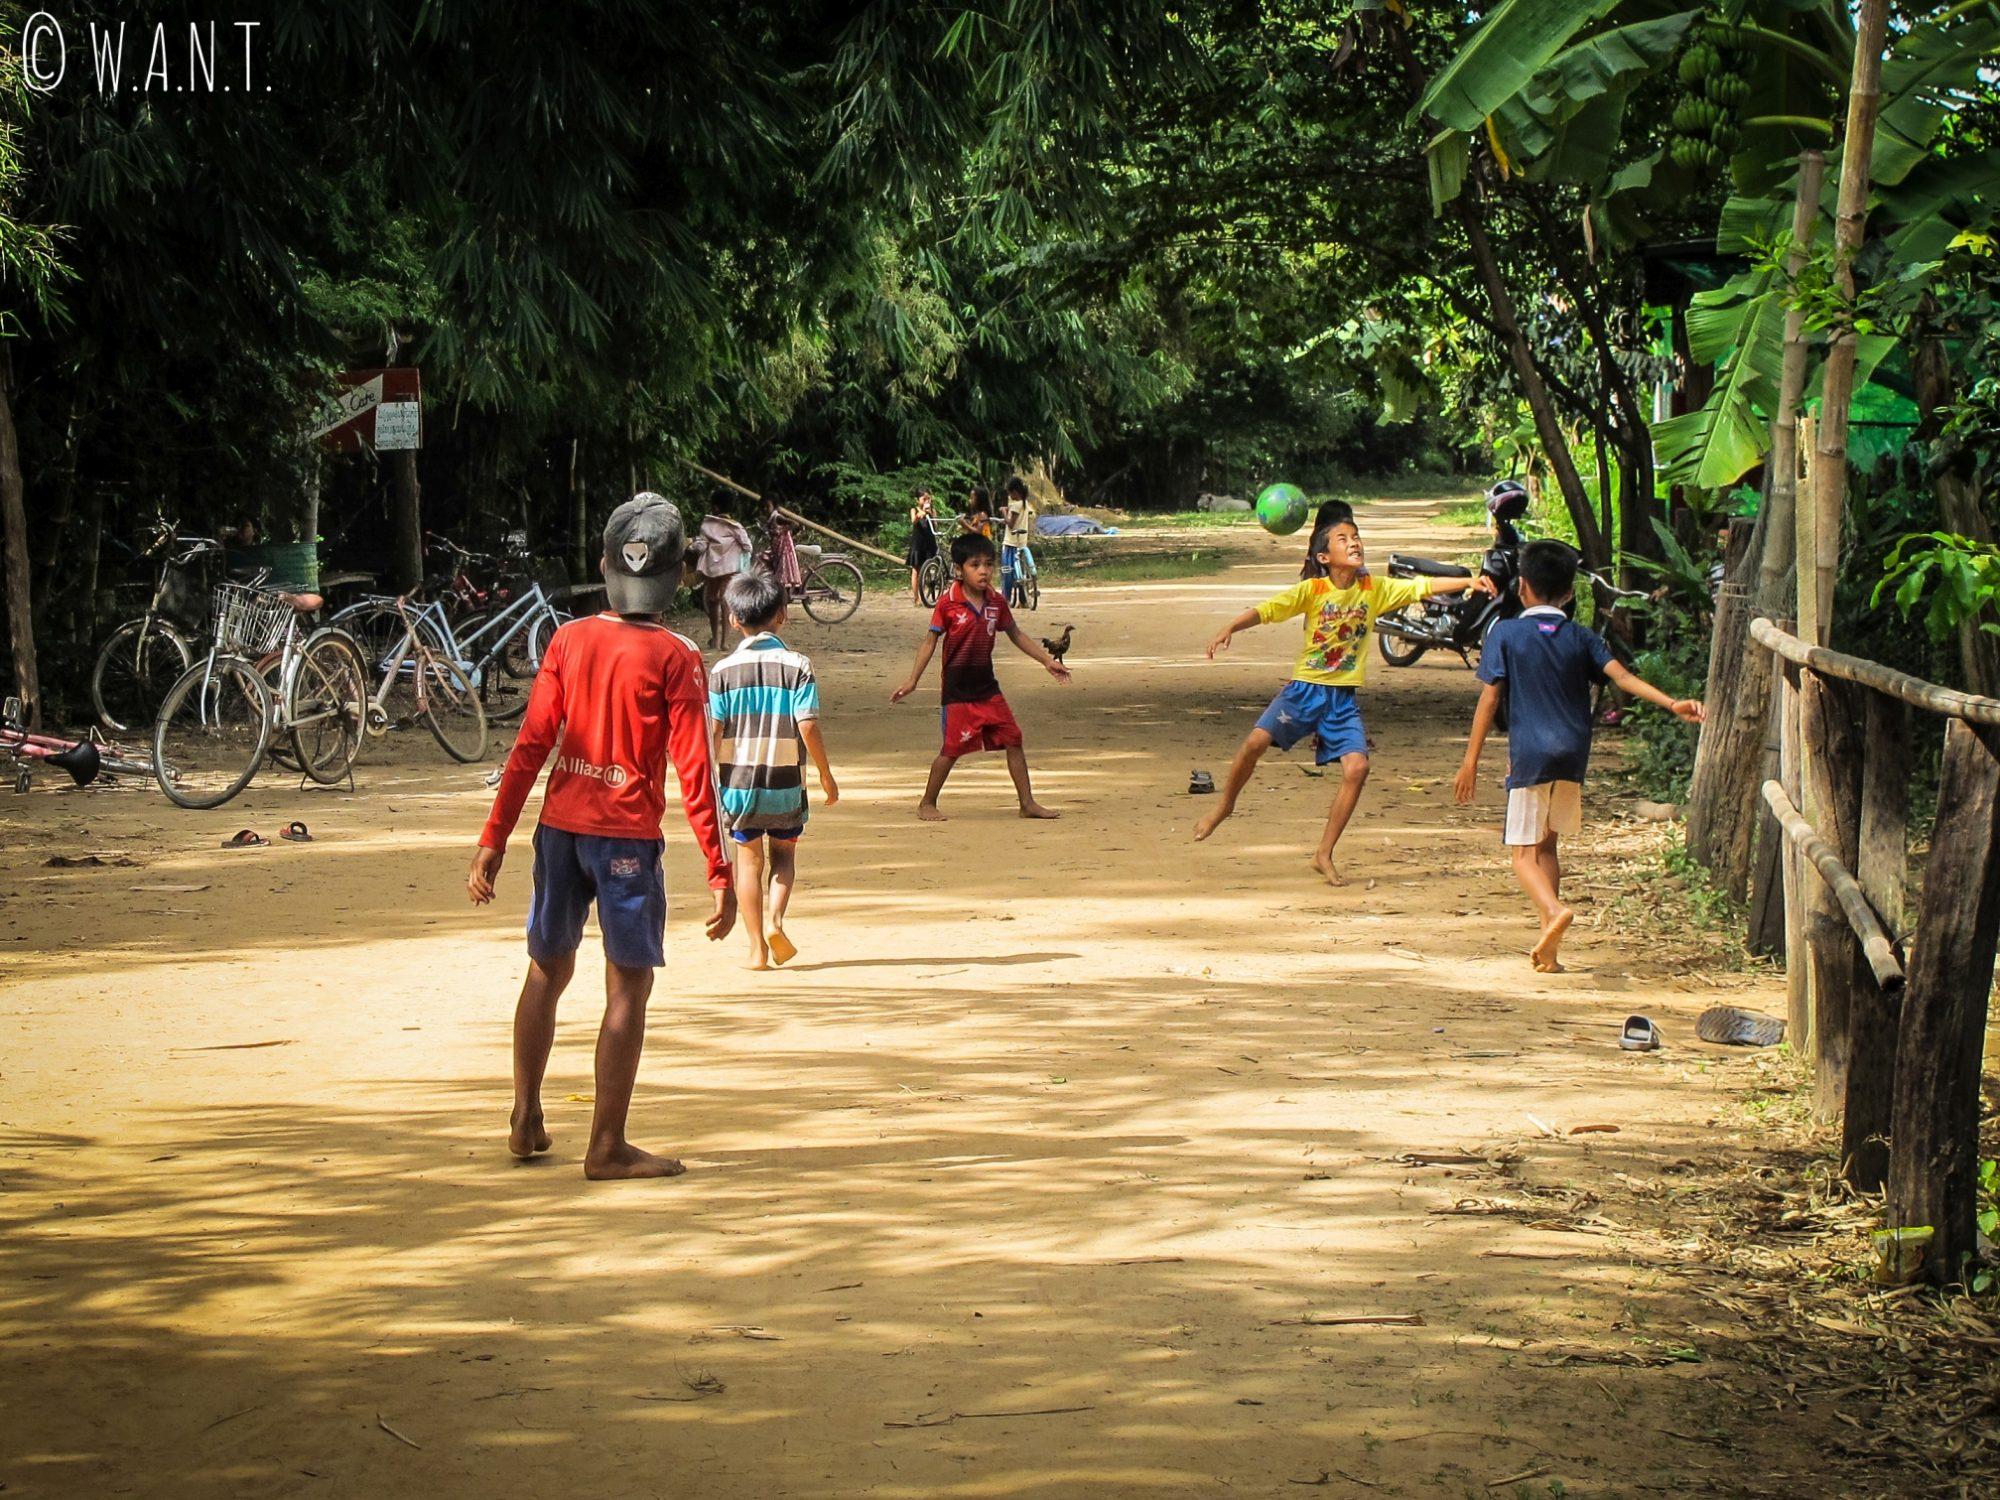 Partie de foot sur l'île de Koh Trong